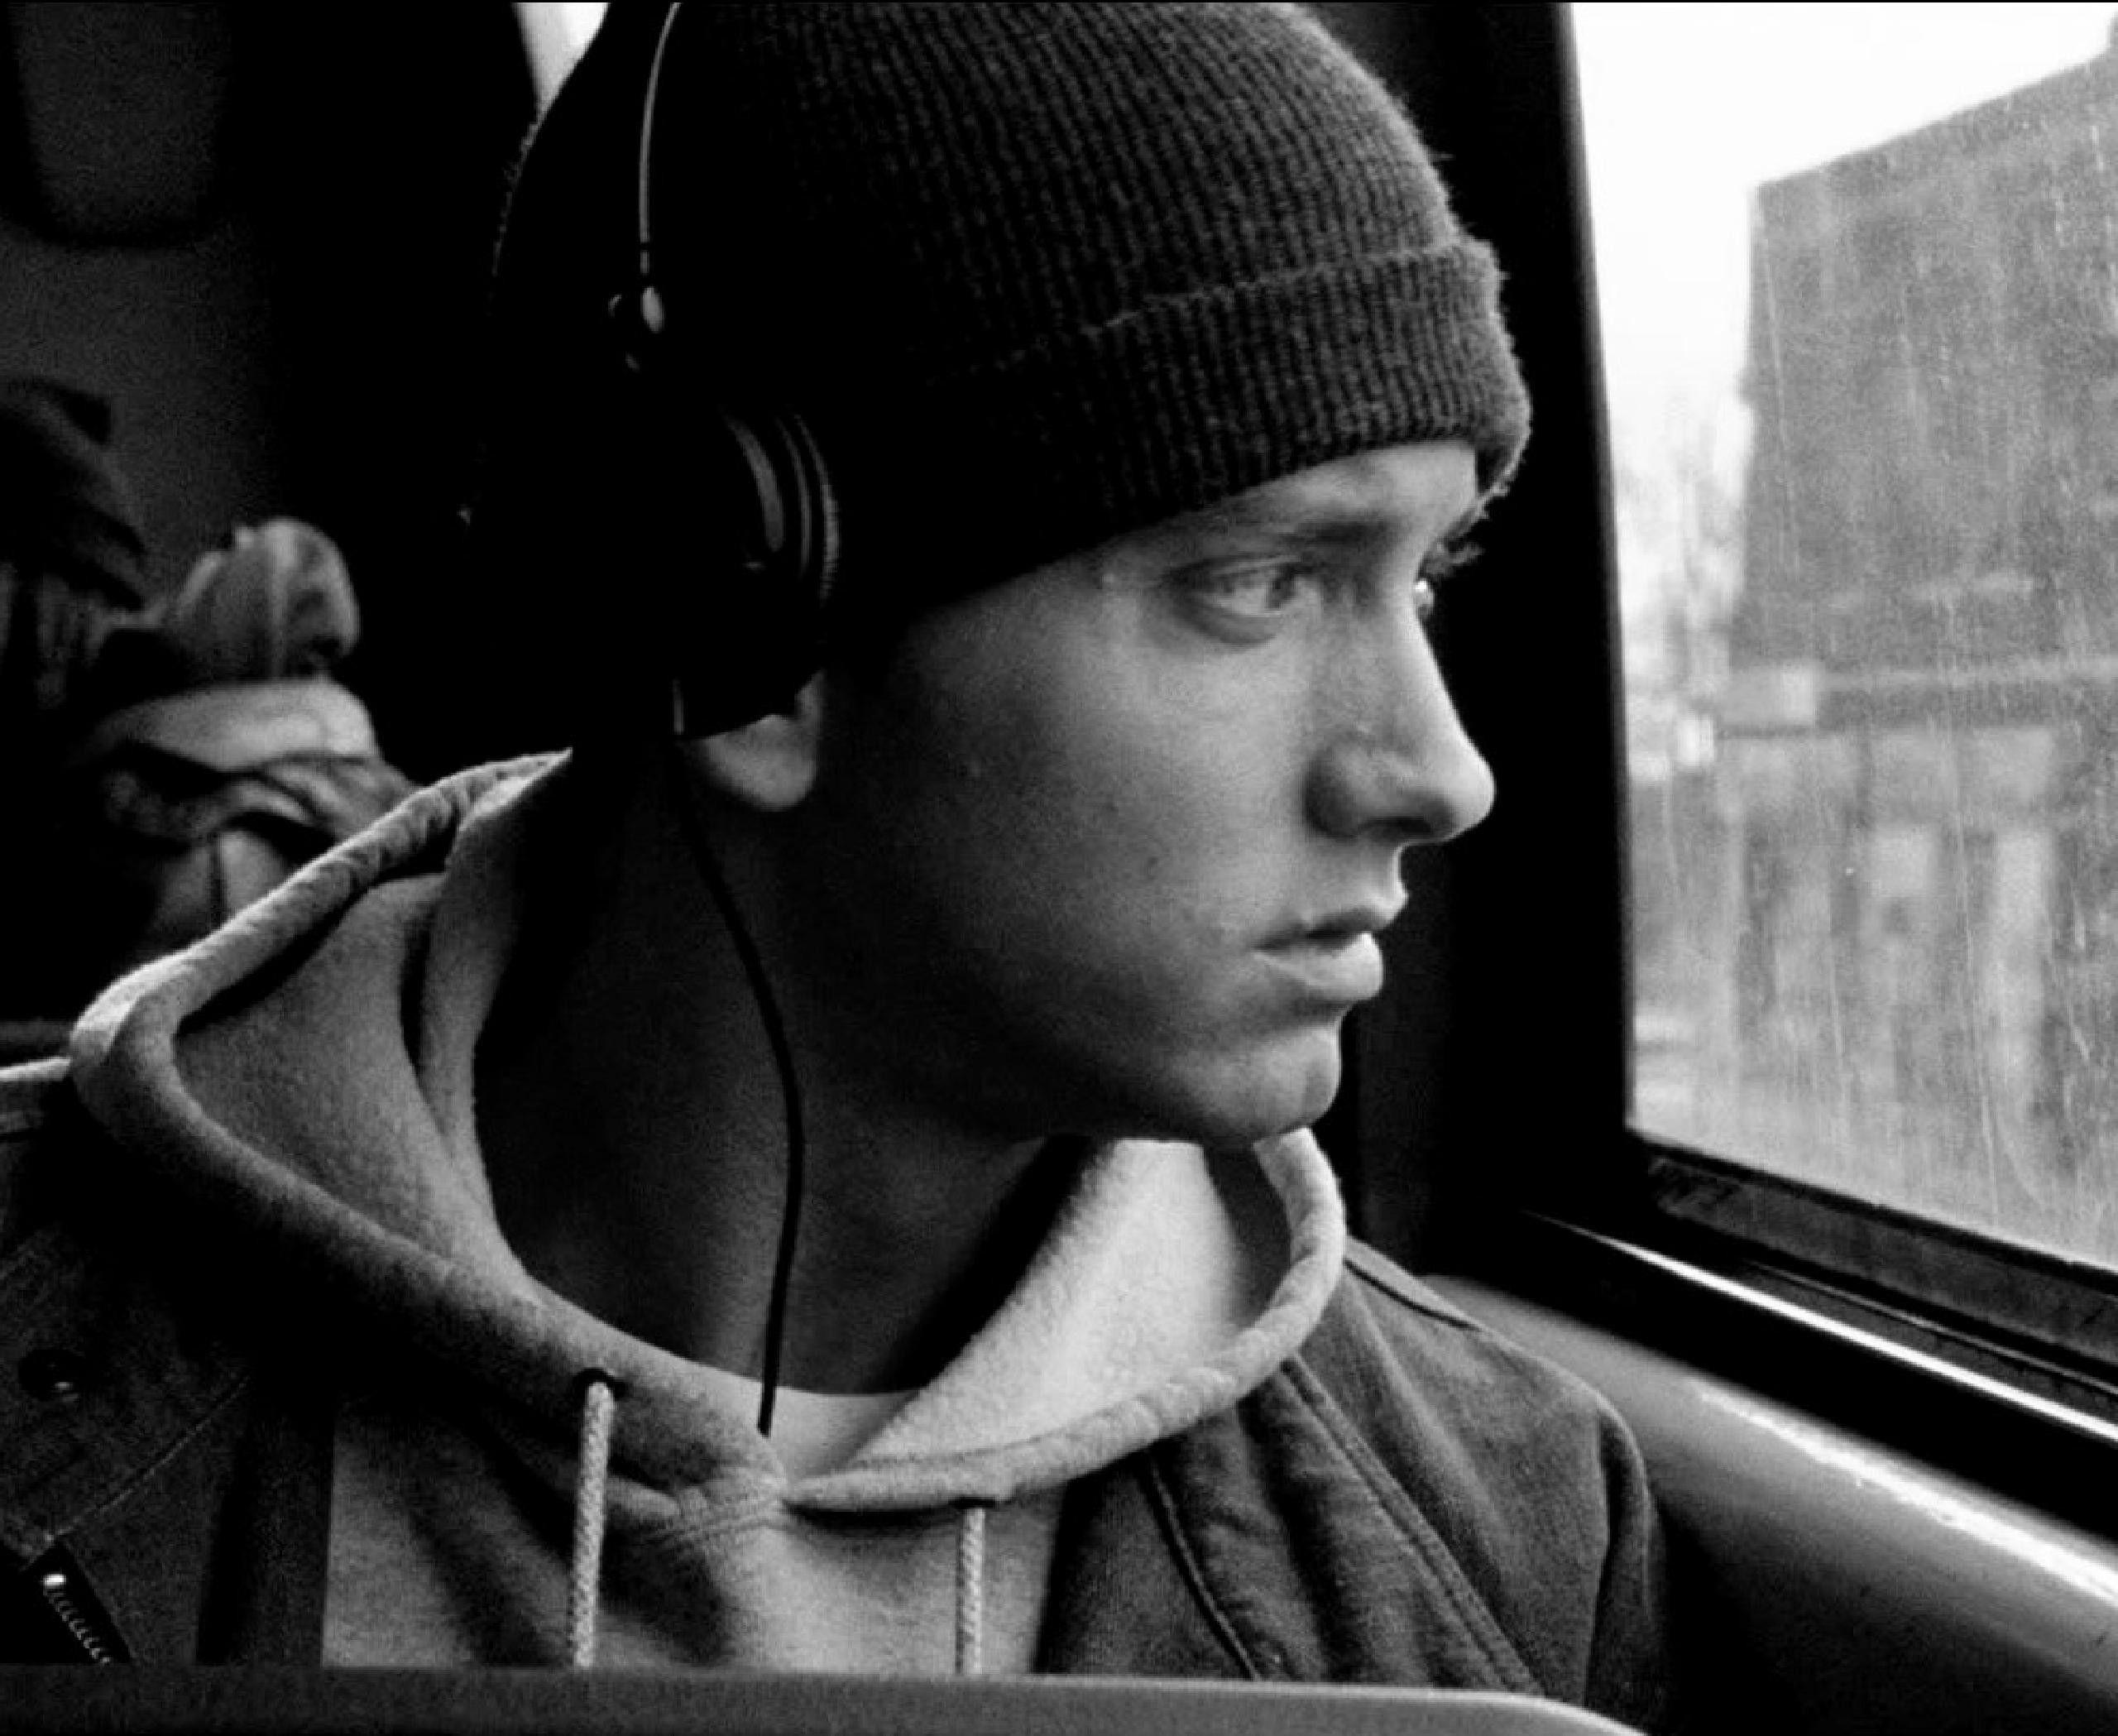 Eminem 8 Mile Wallpapers - Top Free Eminem 8 Mile ...